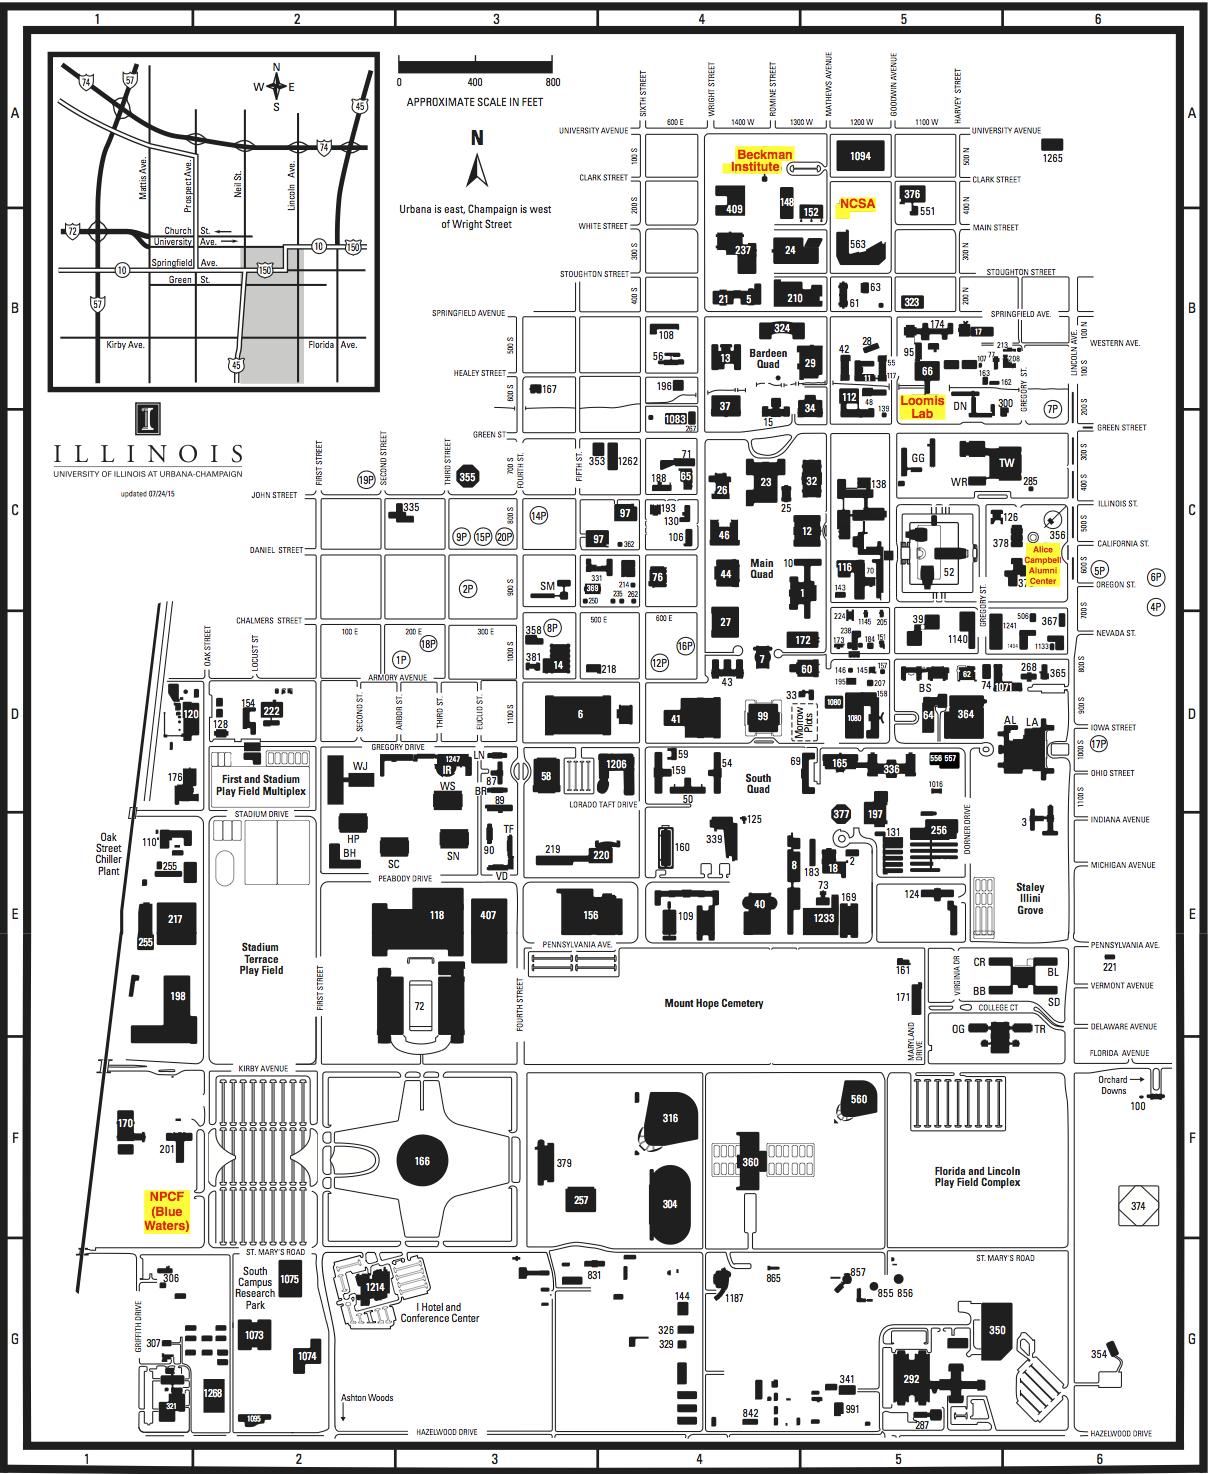 University Of Illinois Campus Map S2I2 HEP/CS Workshop 2016 University Of Illinois Campus Map